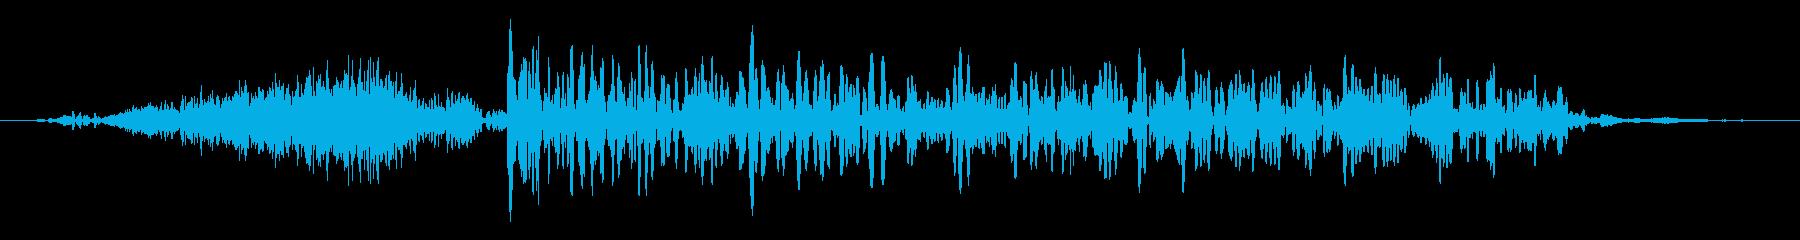 カエル モンスター ゲーム 攻撃 強の再生済みの波形